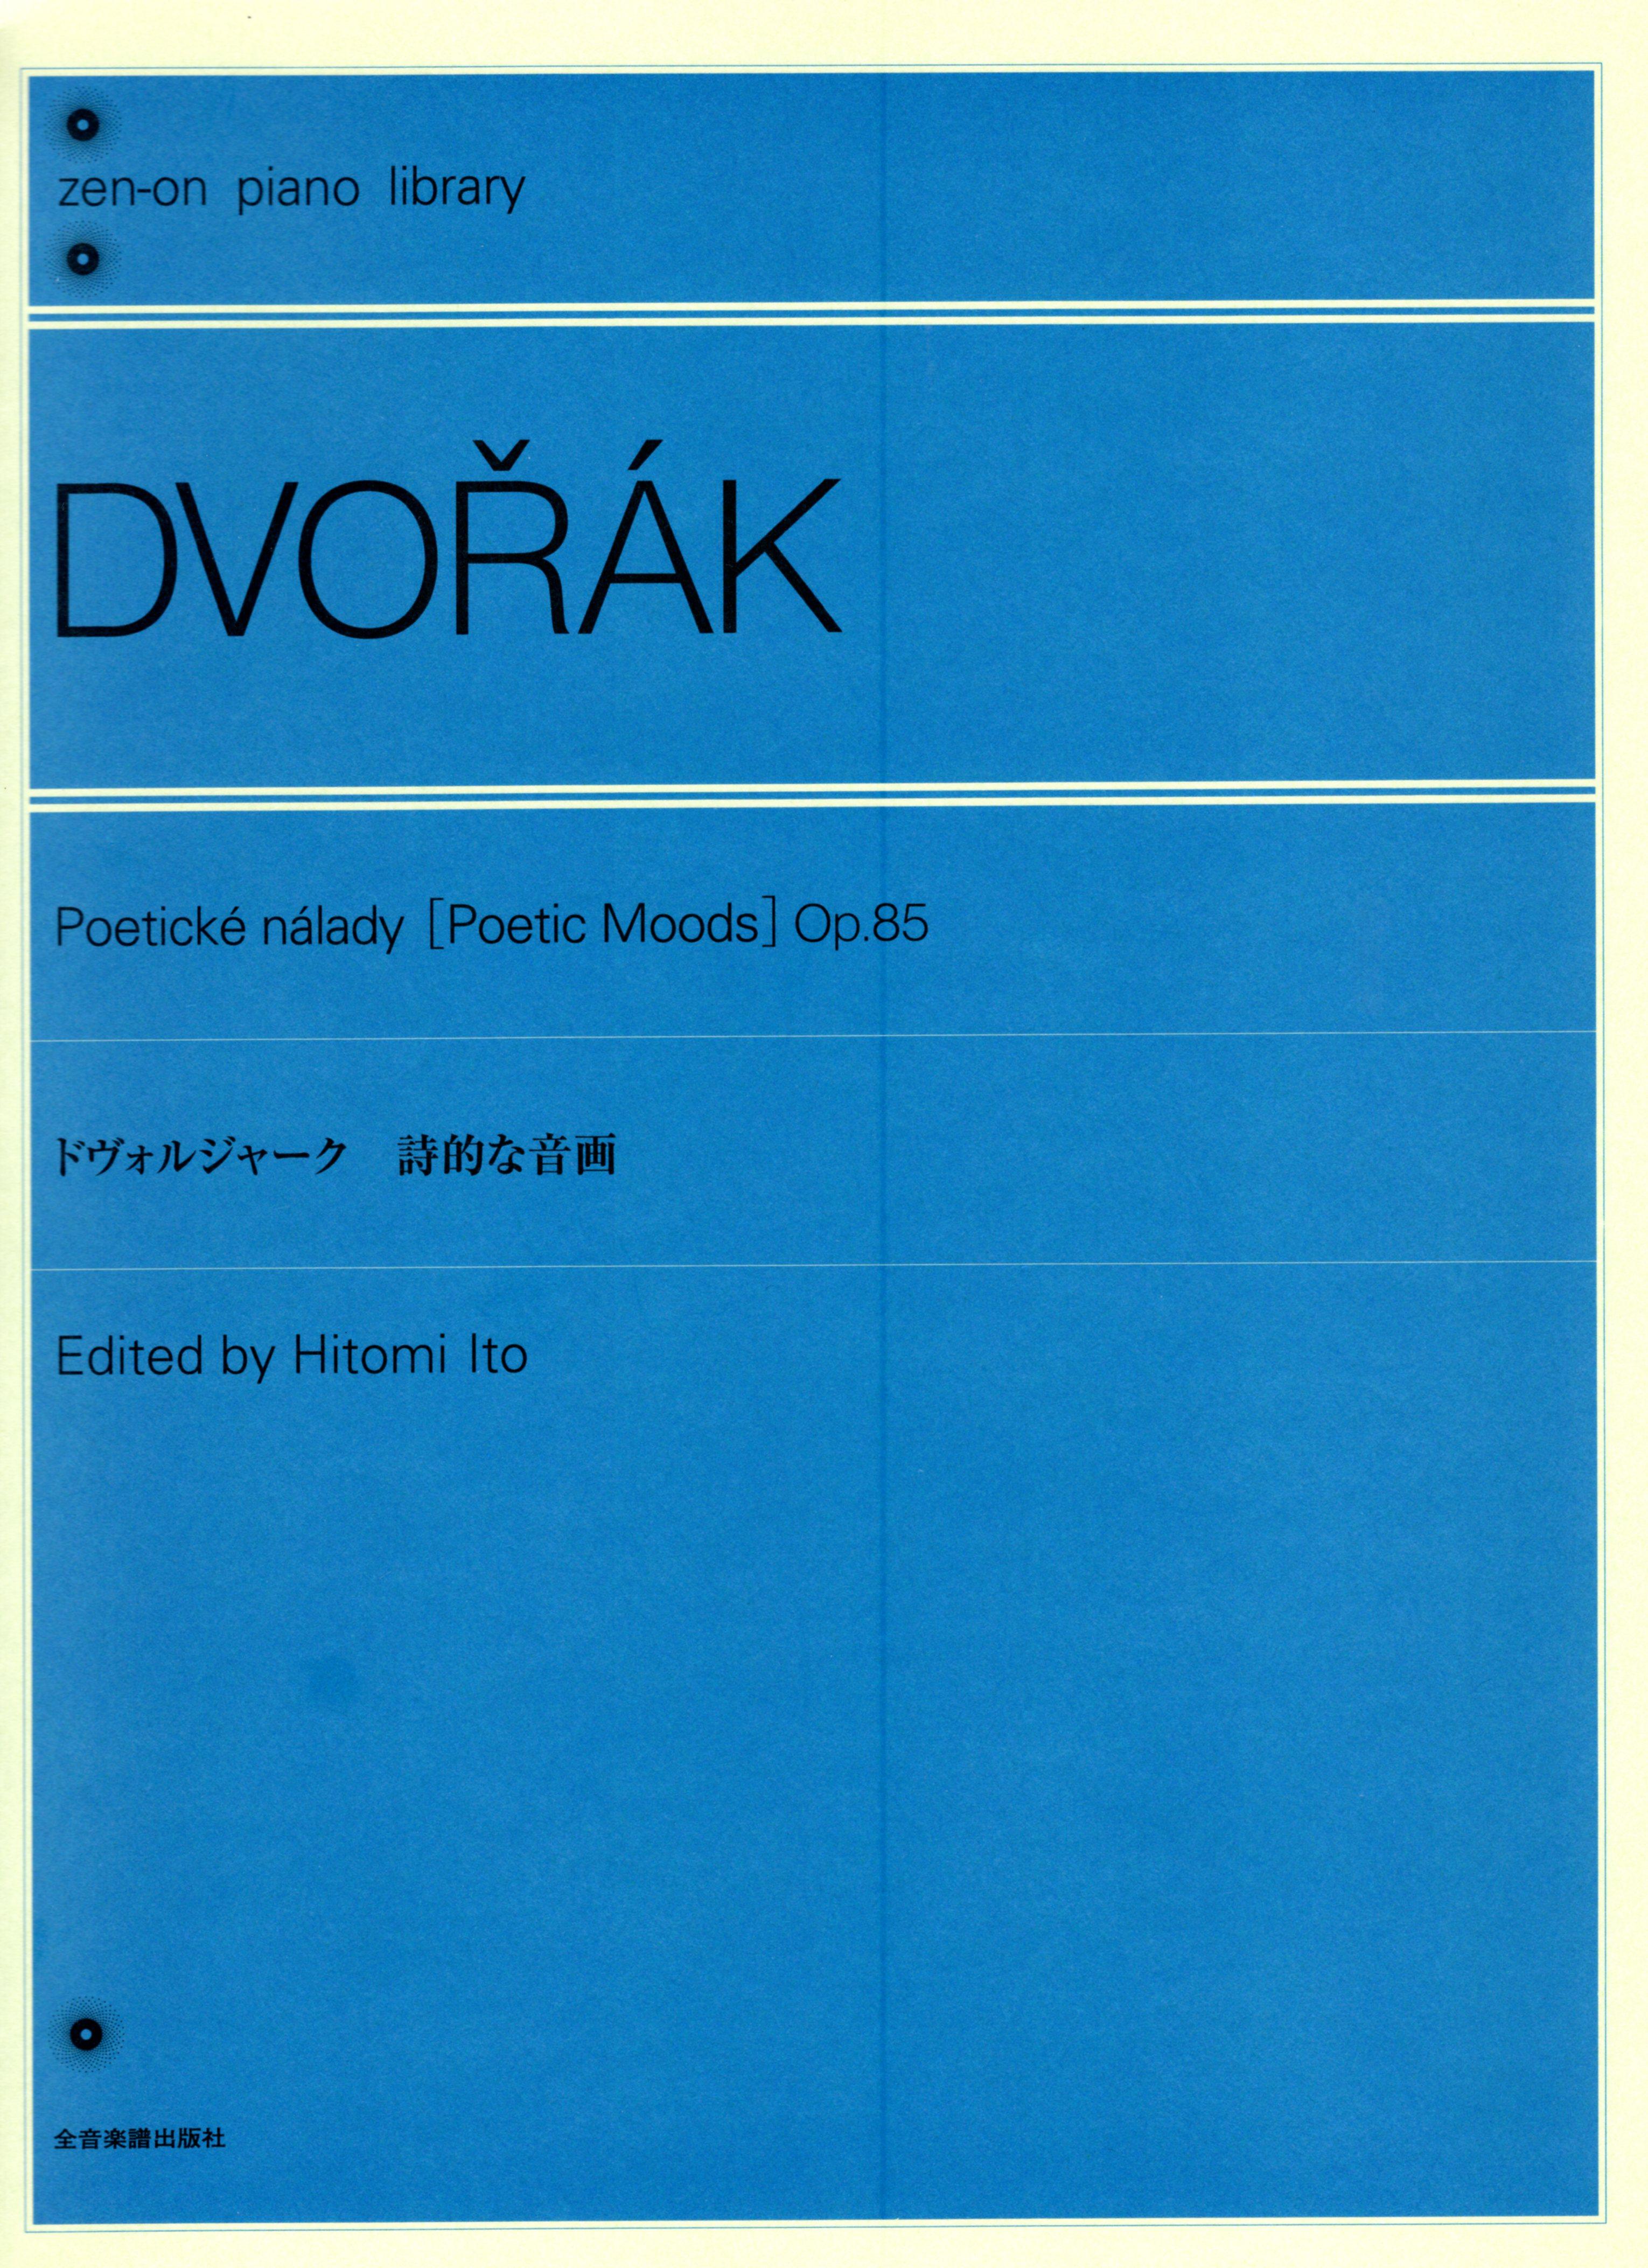 【獨奏鋼琴樂譜】德佛札克詩的音畫 DVORAK Poetic Moods Op.85